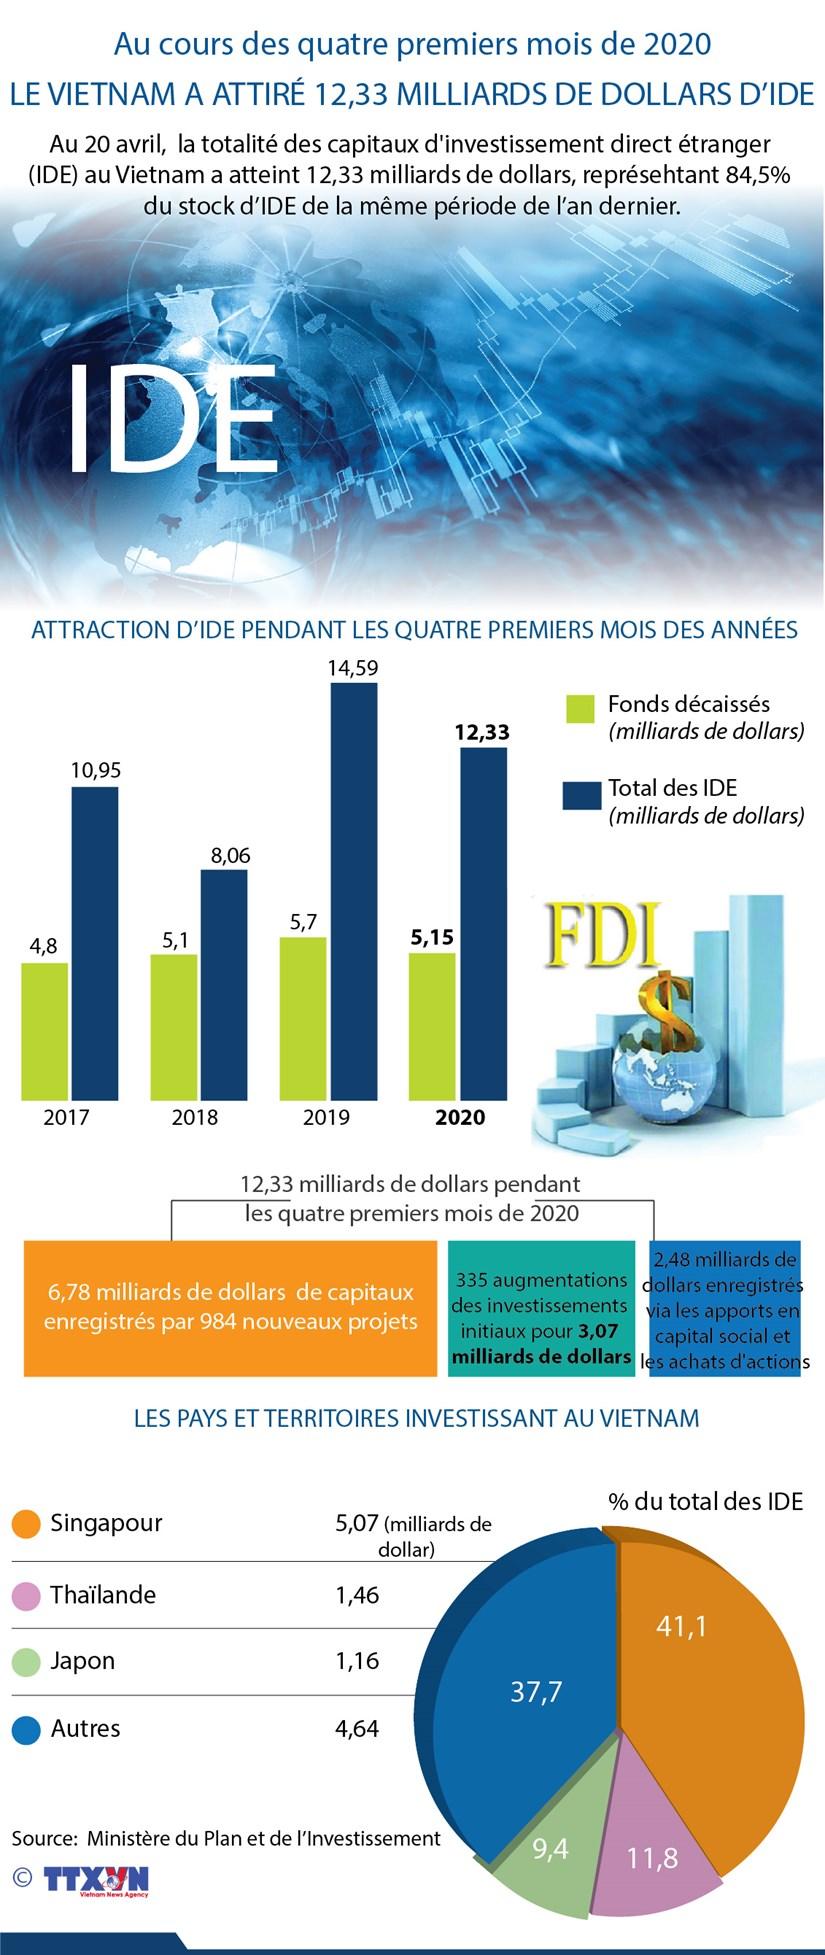 IDE: Le Vietnam attire 12,33 milliards de dollars en quatre mois hinh anh 1